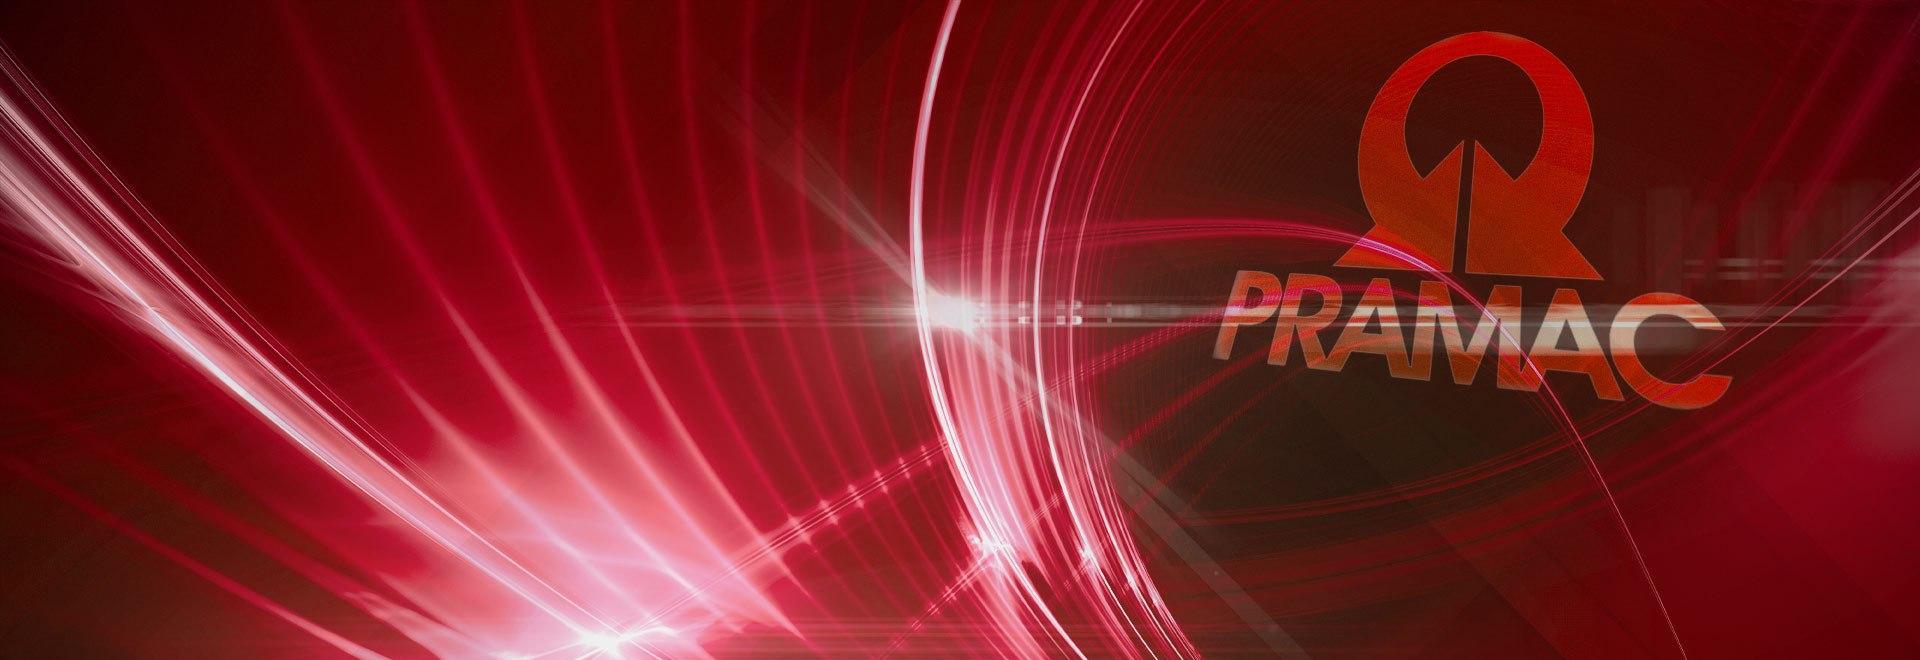 Presentazione Pramac Ducati